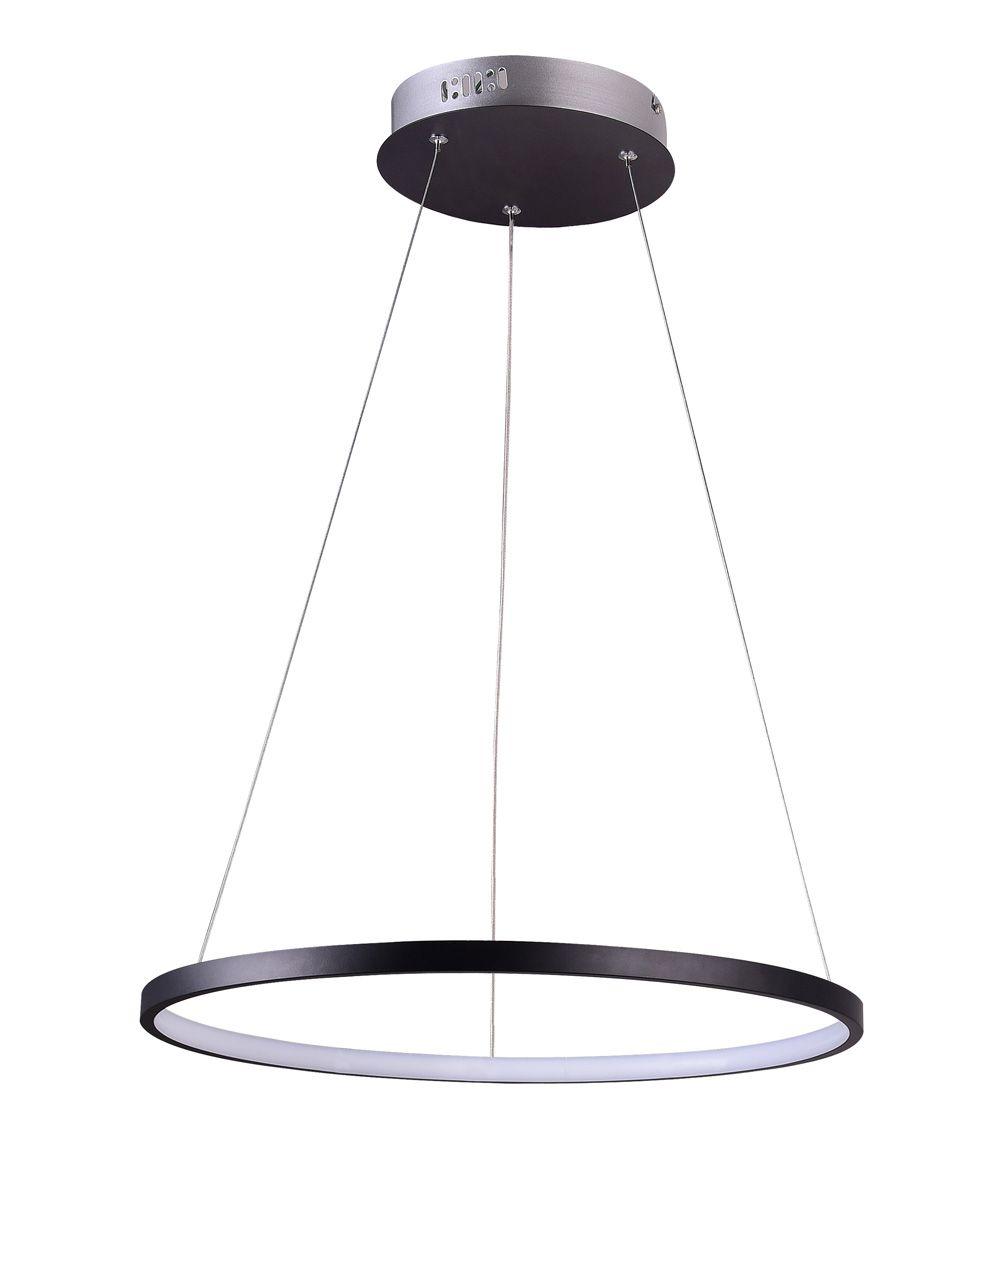 Pendente Rings Anel em Metal Preto 40CM LED 20W Bivolt 3000K Branco quente QPD1300-PT